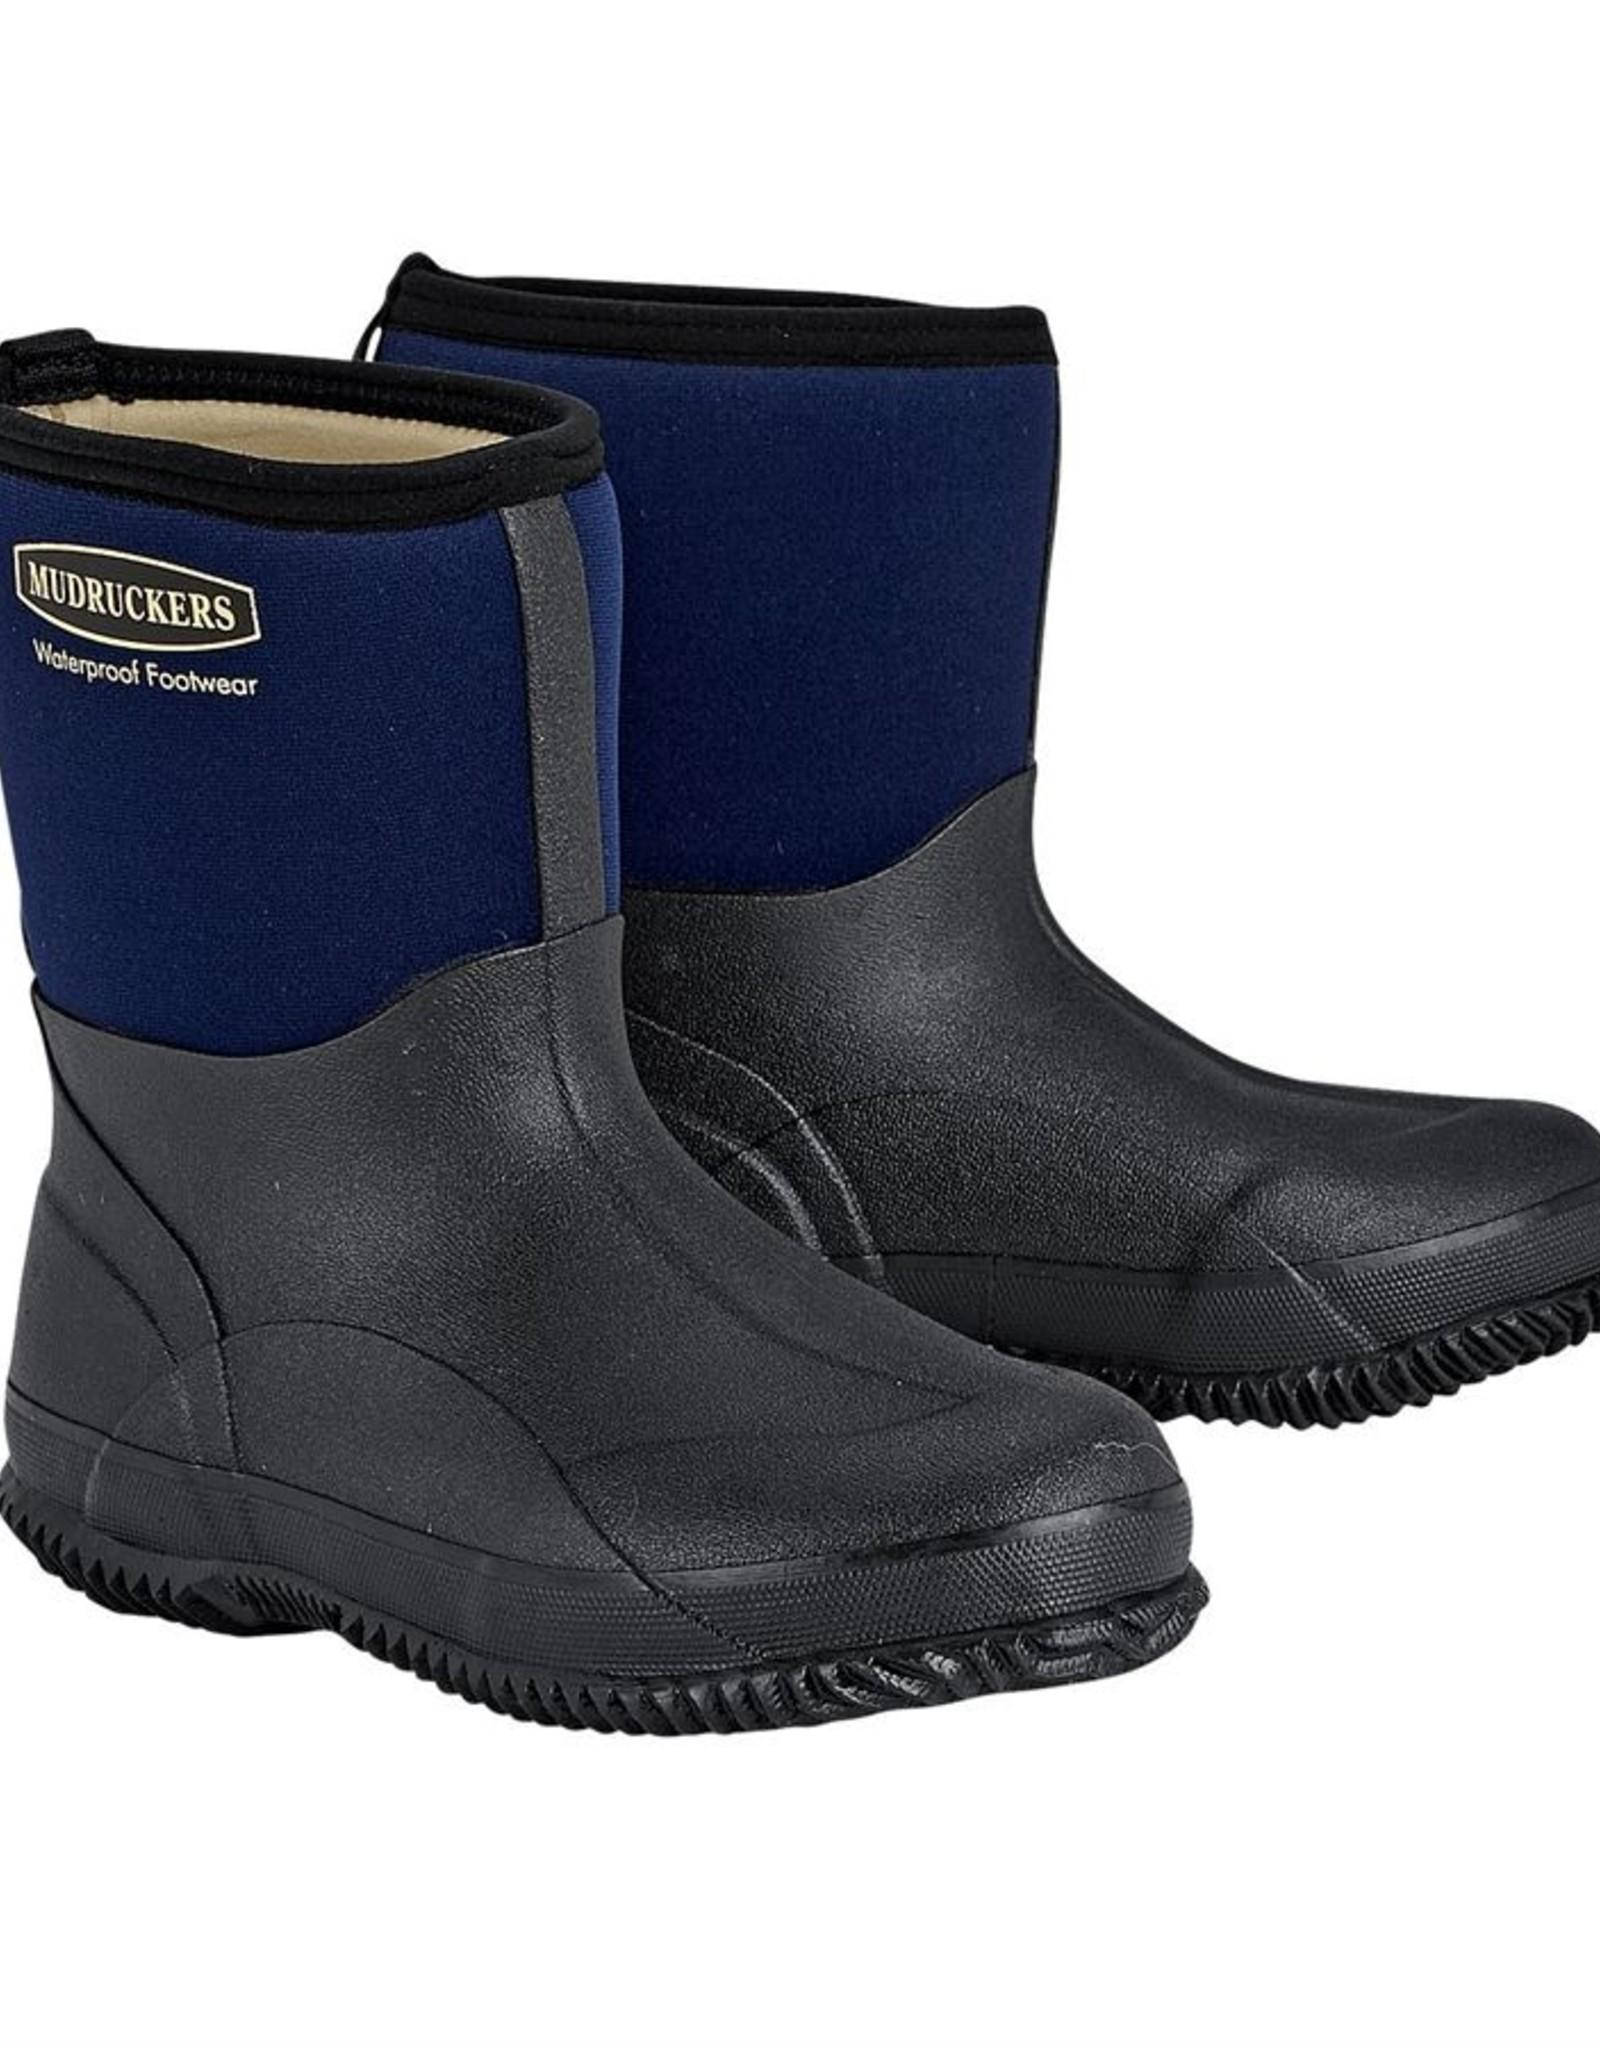 Mudrucker Mudrucker Ladies' Mid Height Rain Boot